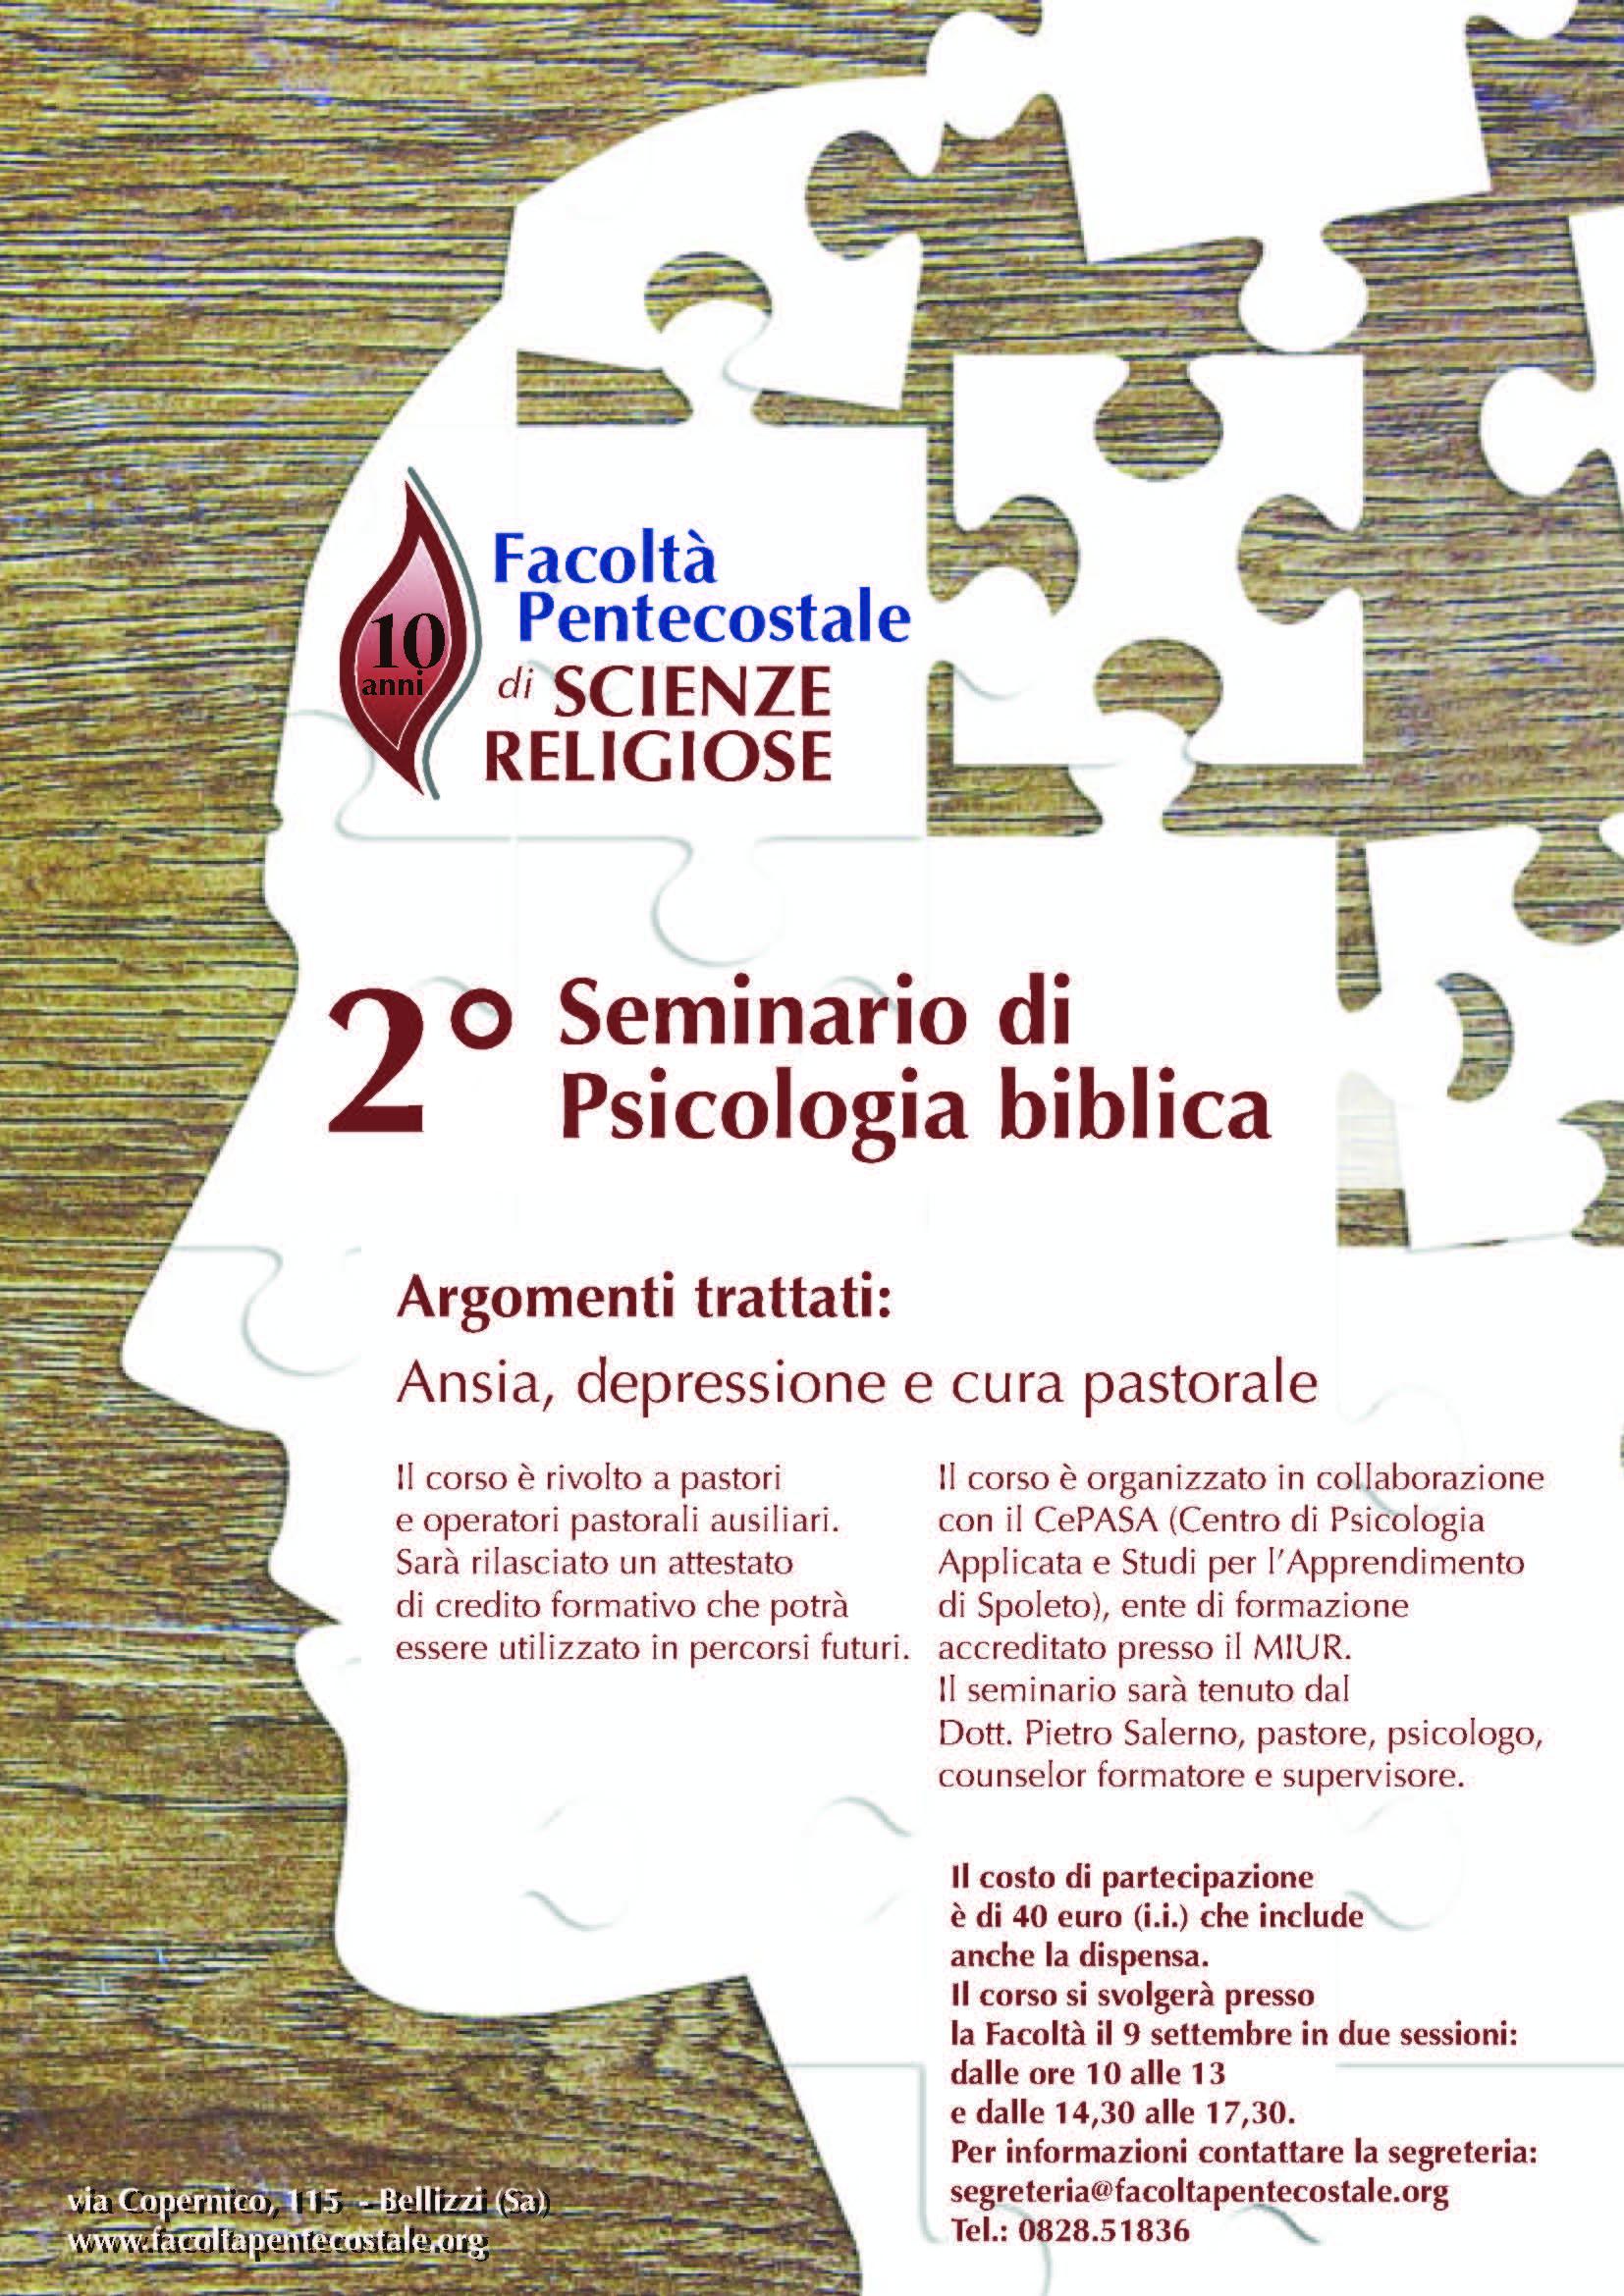 Locandina seminario psicologia biblica